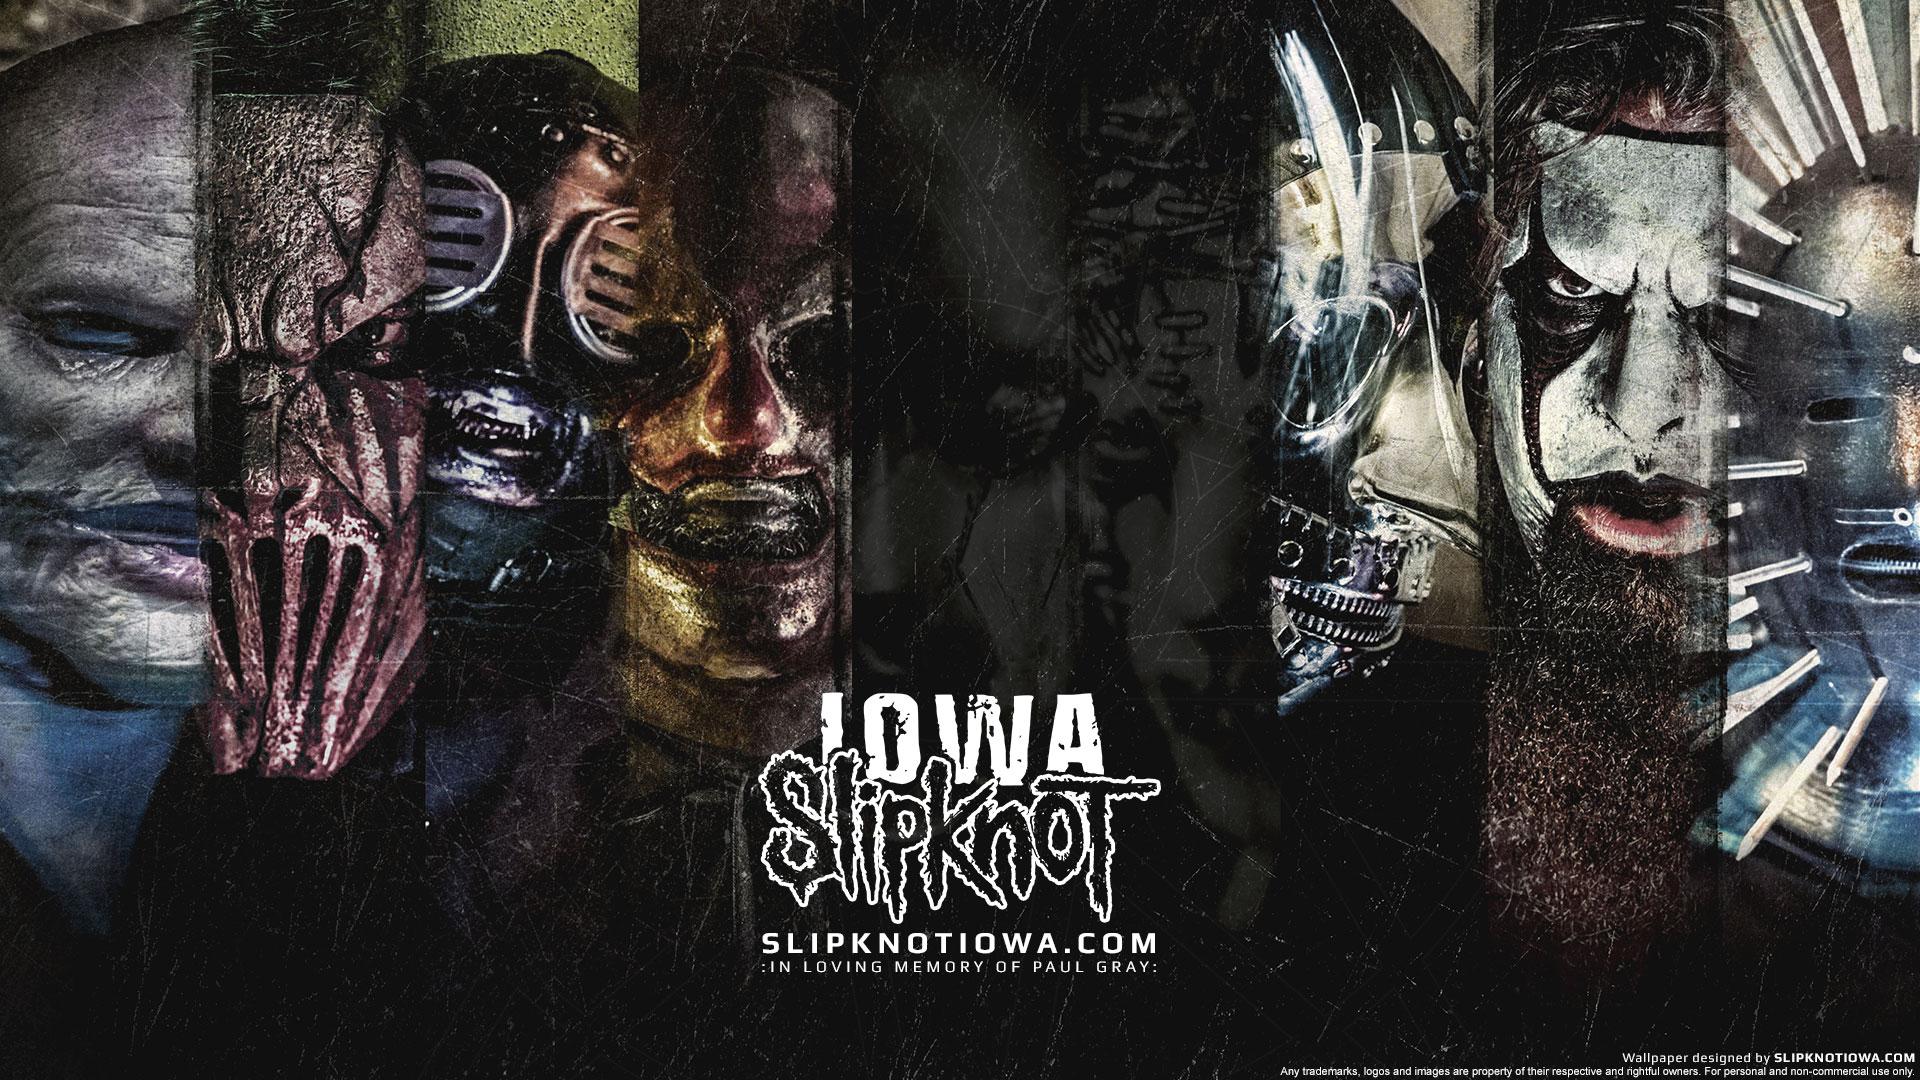 Slipknot Wallpapers 1920x1080